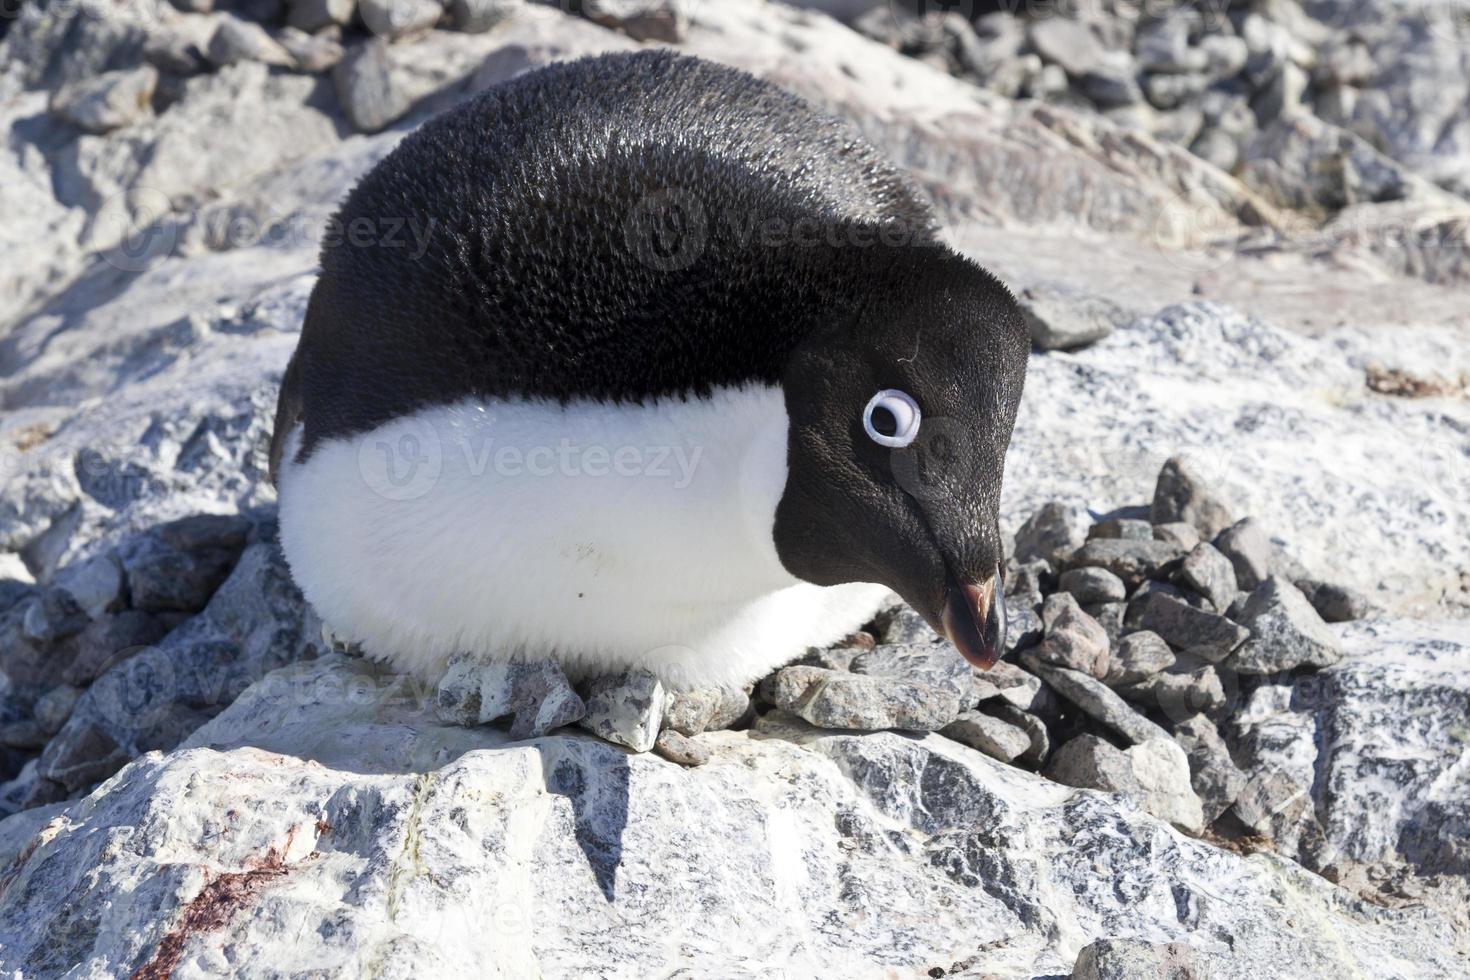 pinguim adélia fêmea sentado no ninho e assustador observador foto